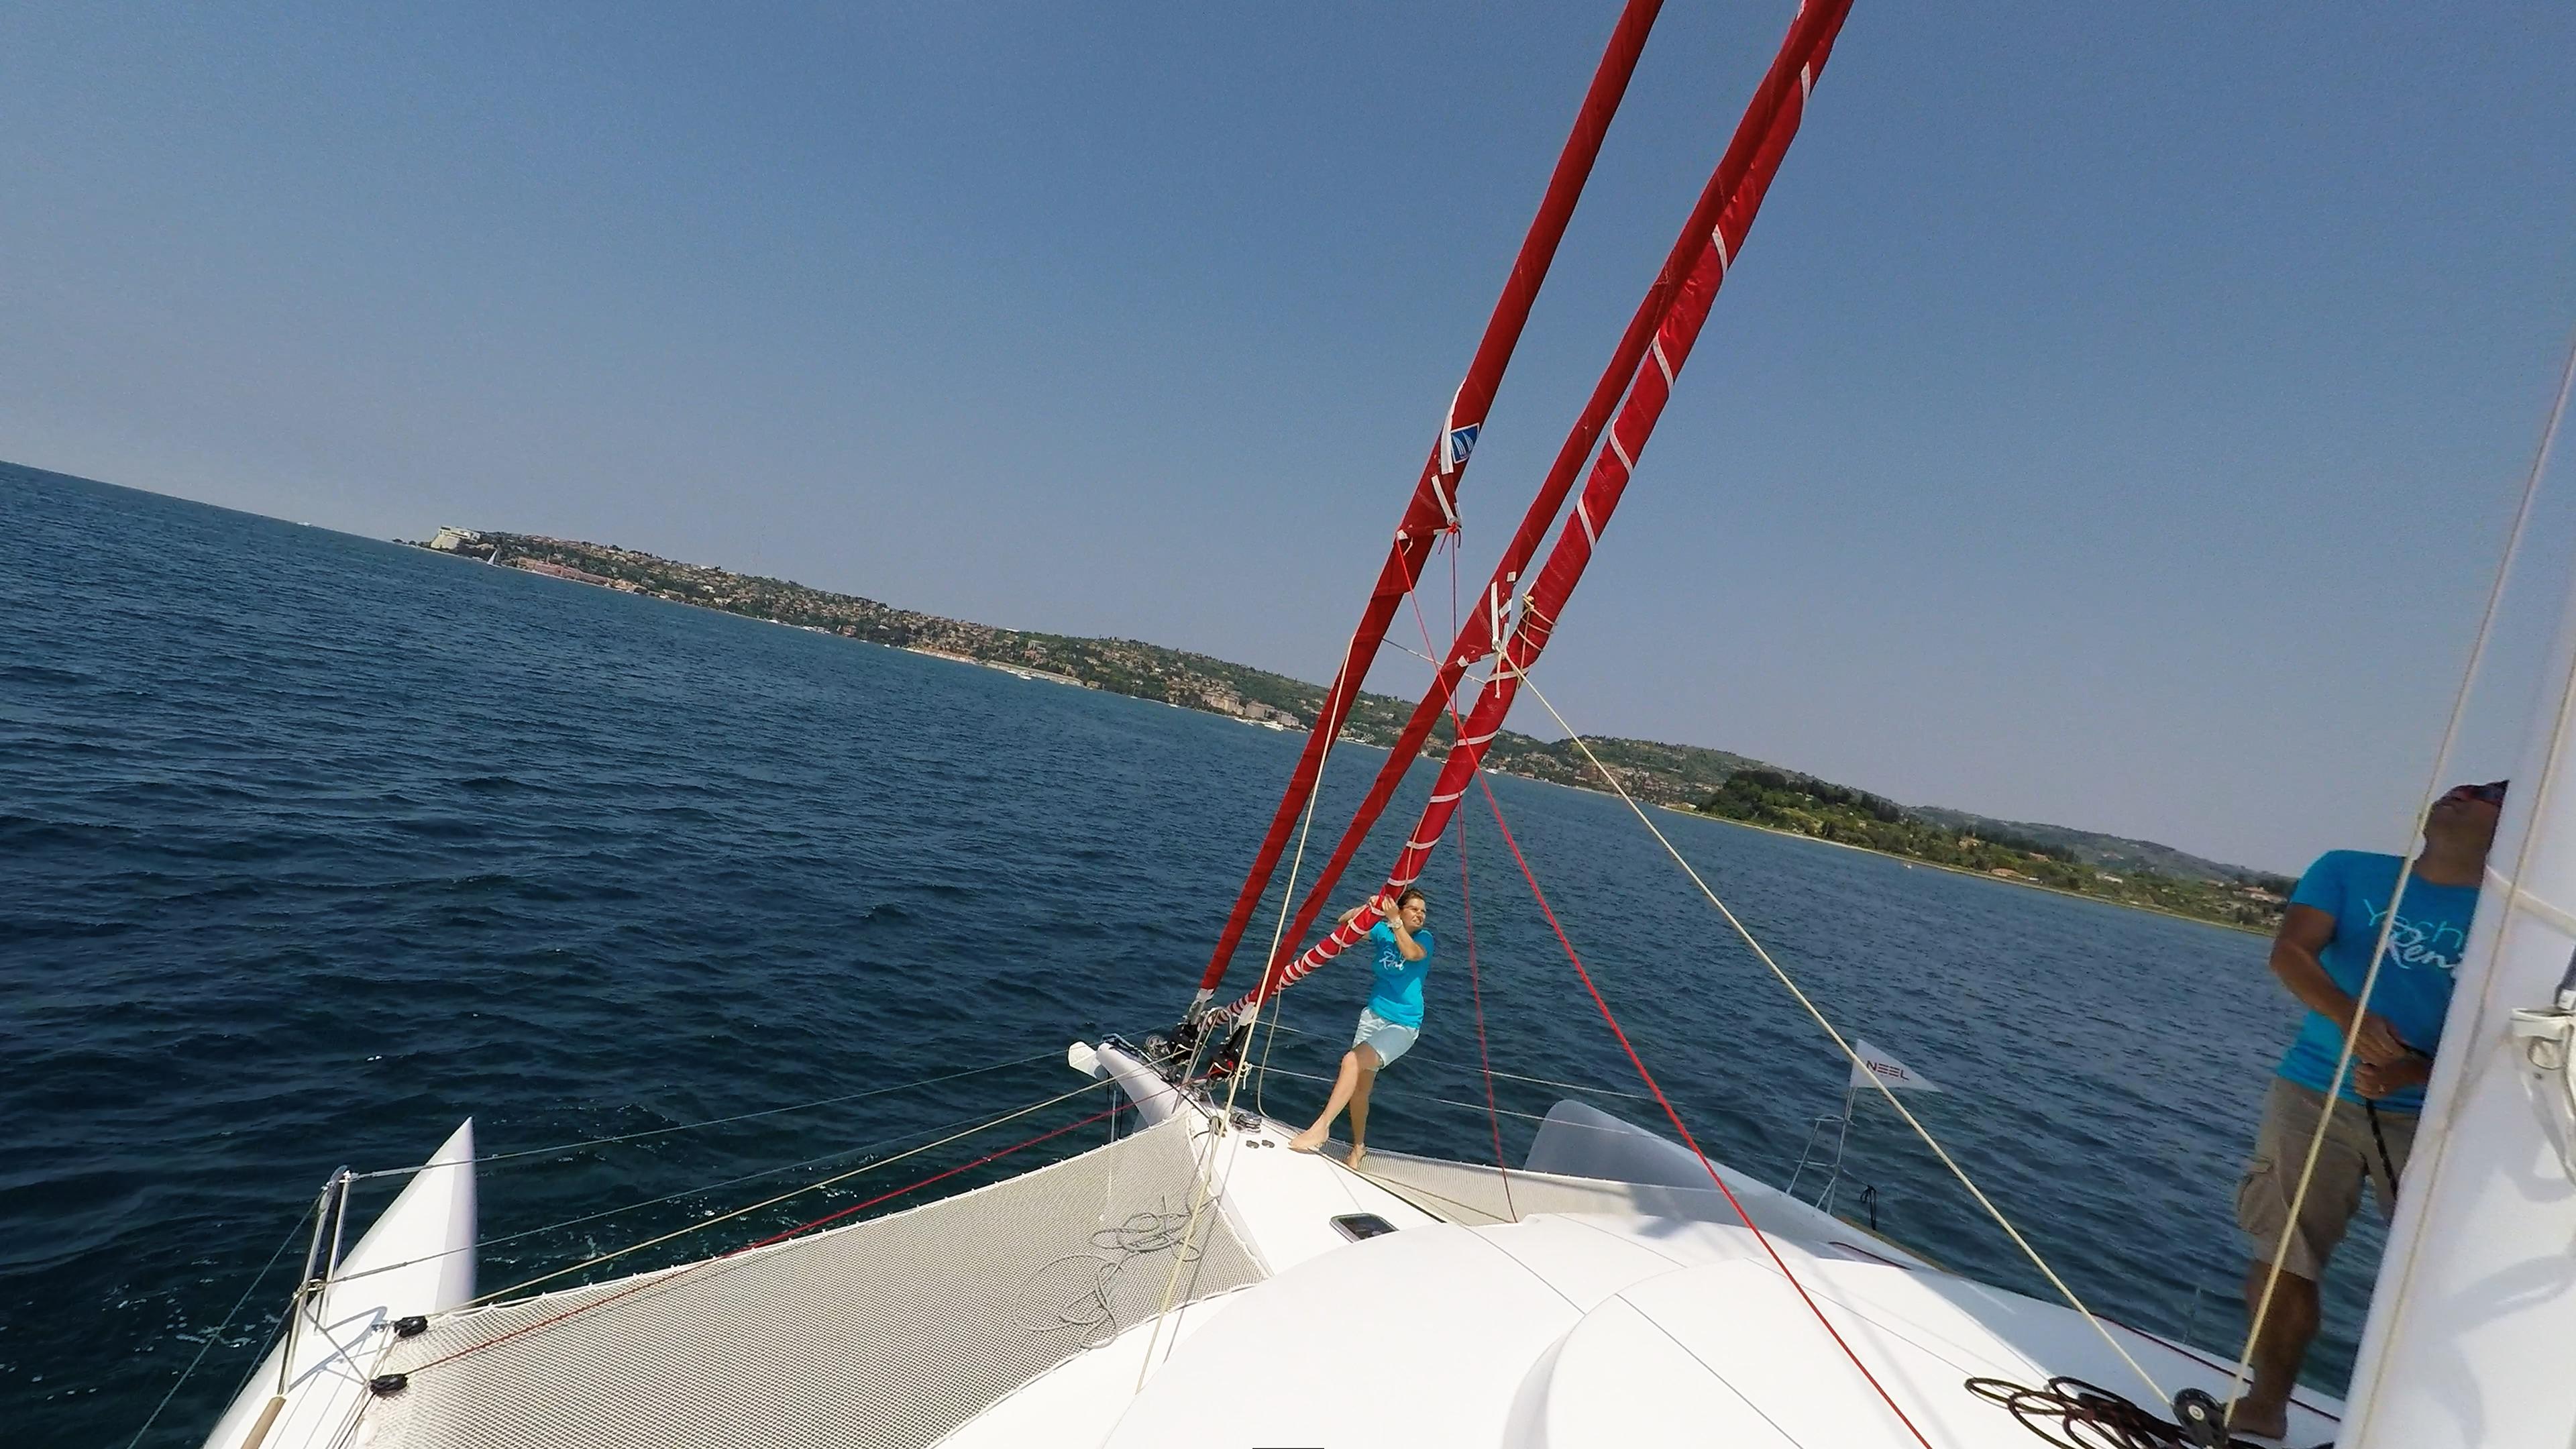 equipaggio rimuovendo gennaker dalla prua di trimarano  a vela yacht